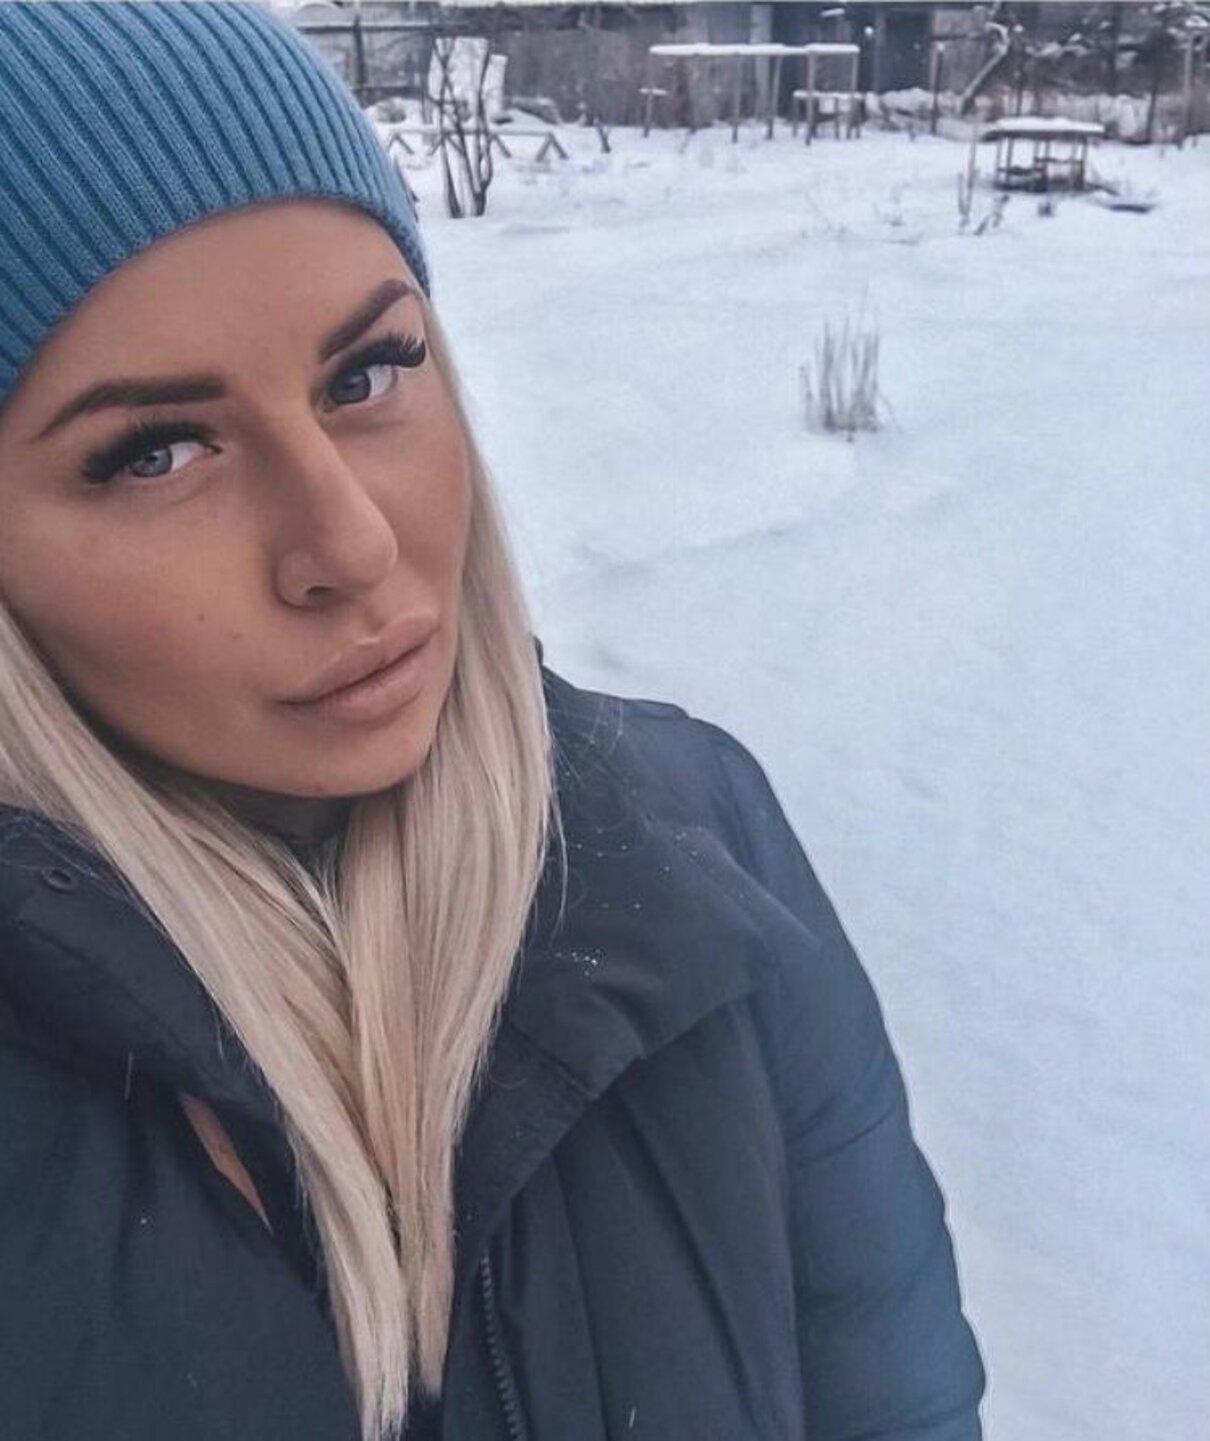 Жалоба-отзыв: Жукова Кристина Валерьевна - Мошенница разводит на деньги.  Фото №3